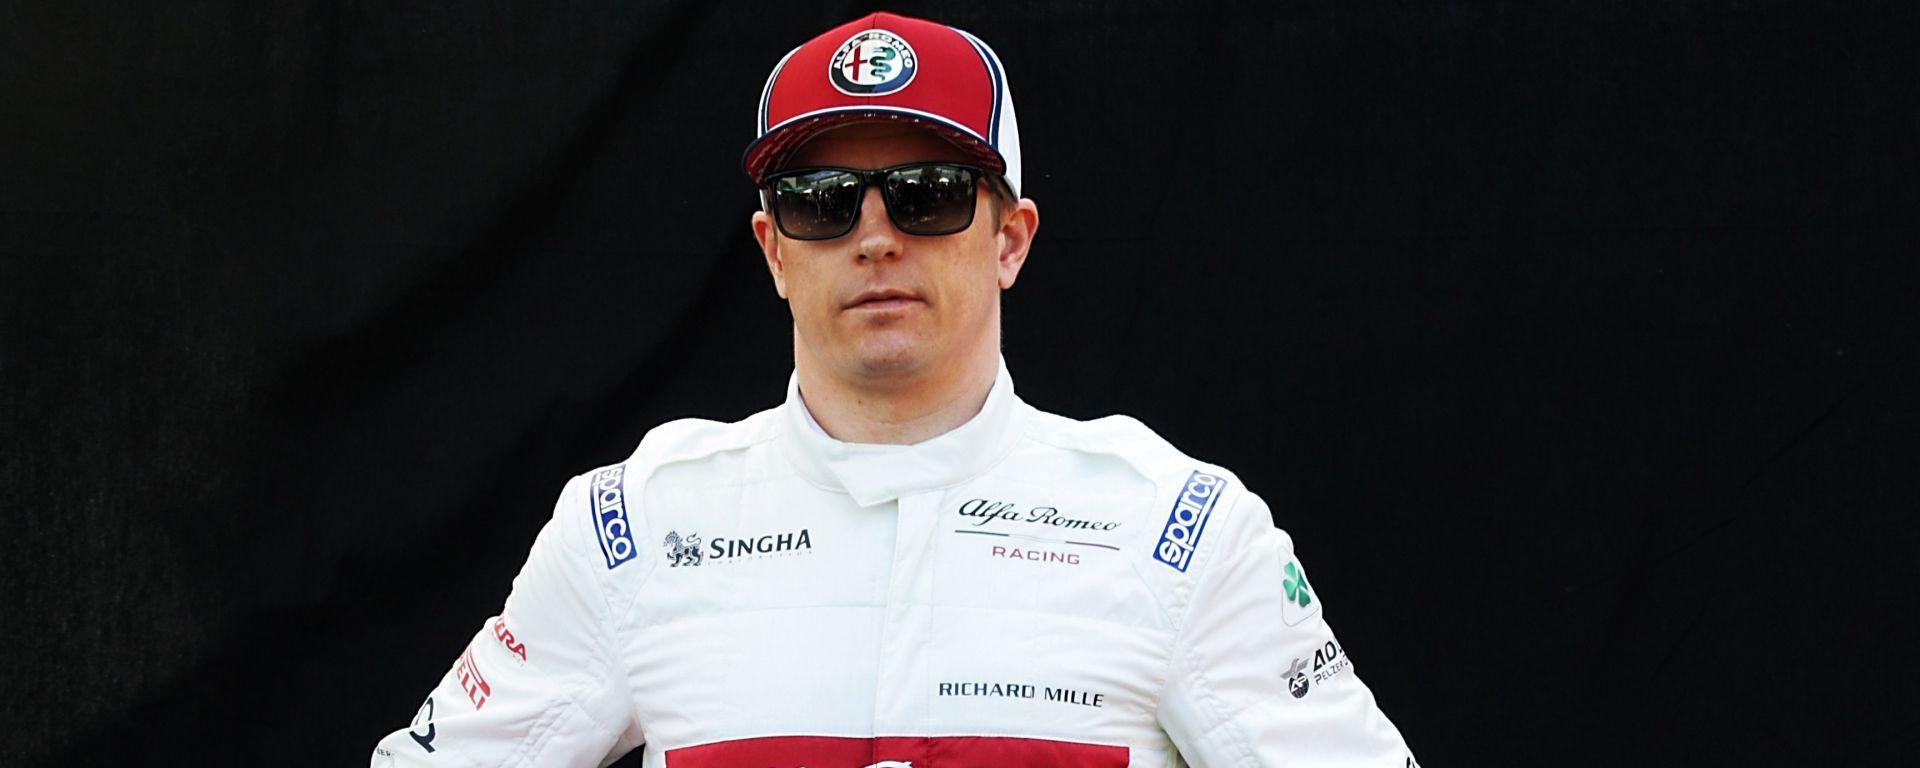 Kimi Raikkonen #7 F1 2019